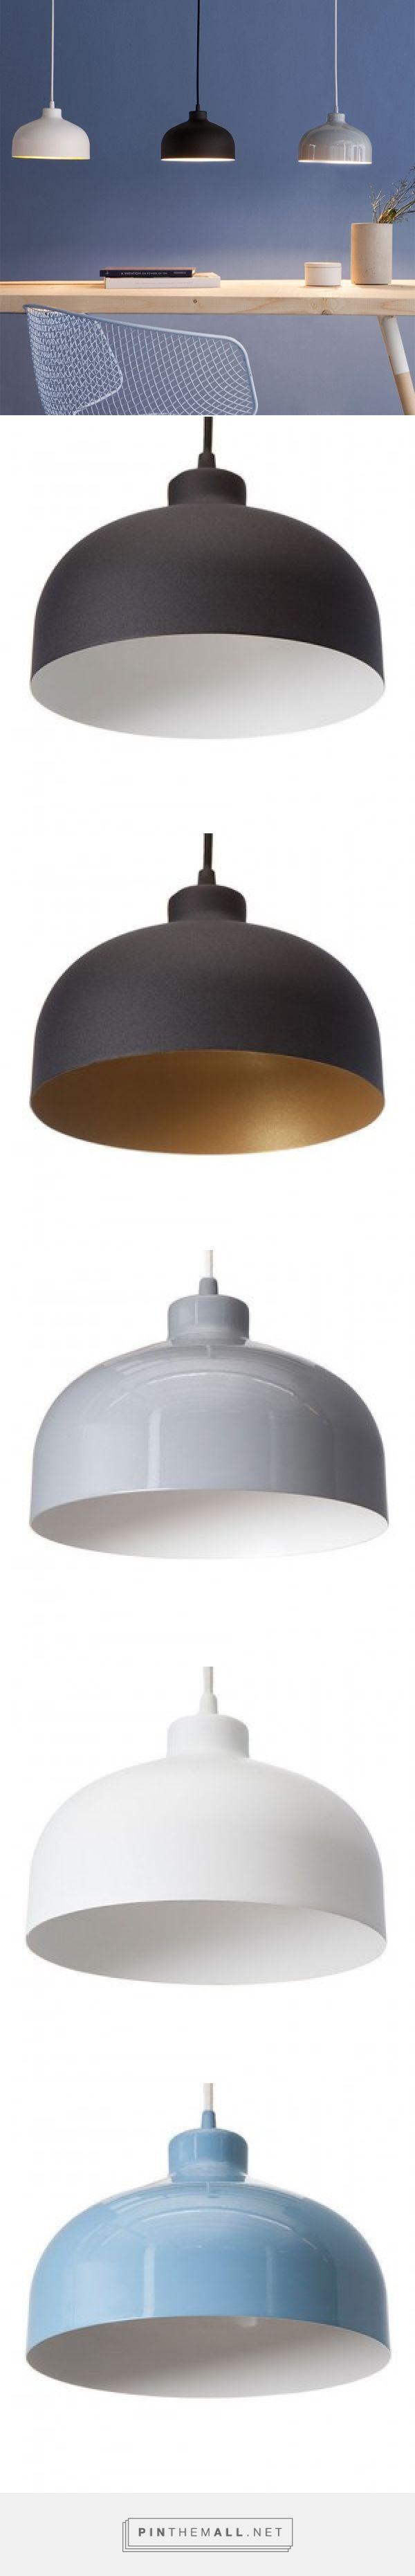 121 best lamps indoor outdoor images on pinterest for Swedish light fixtures